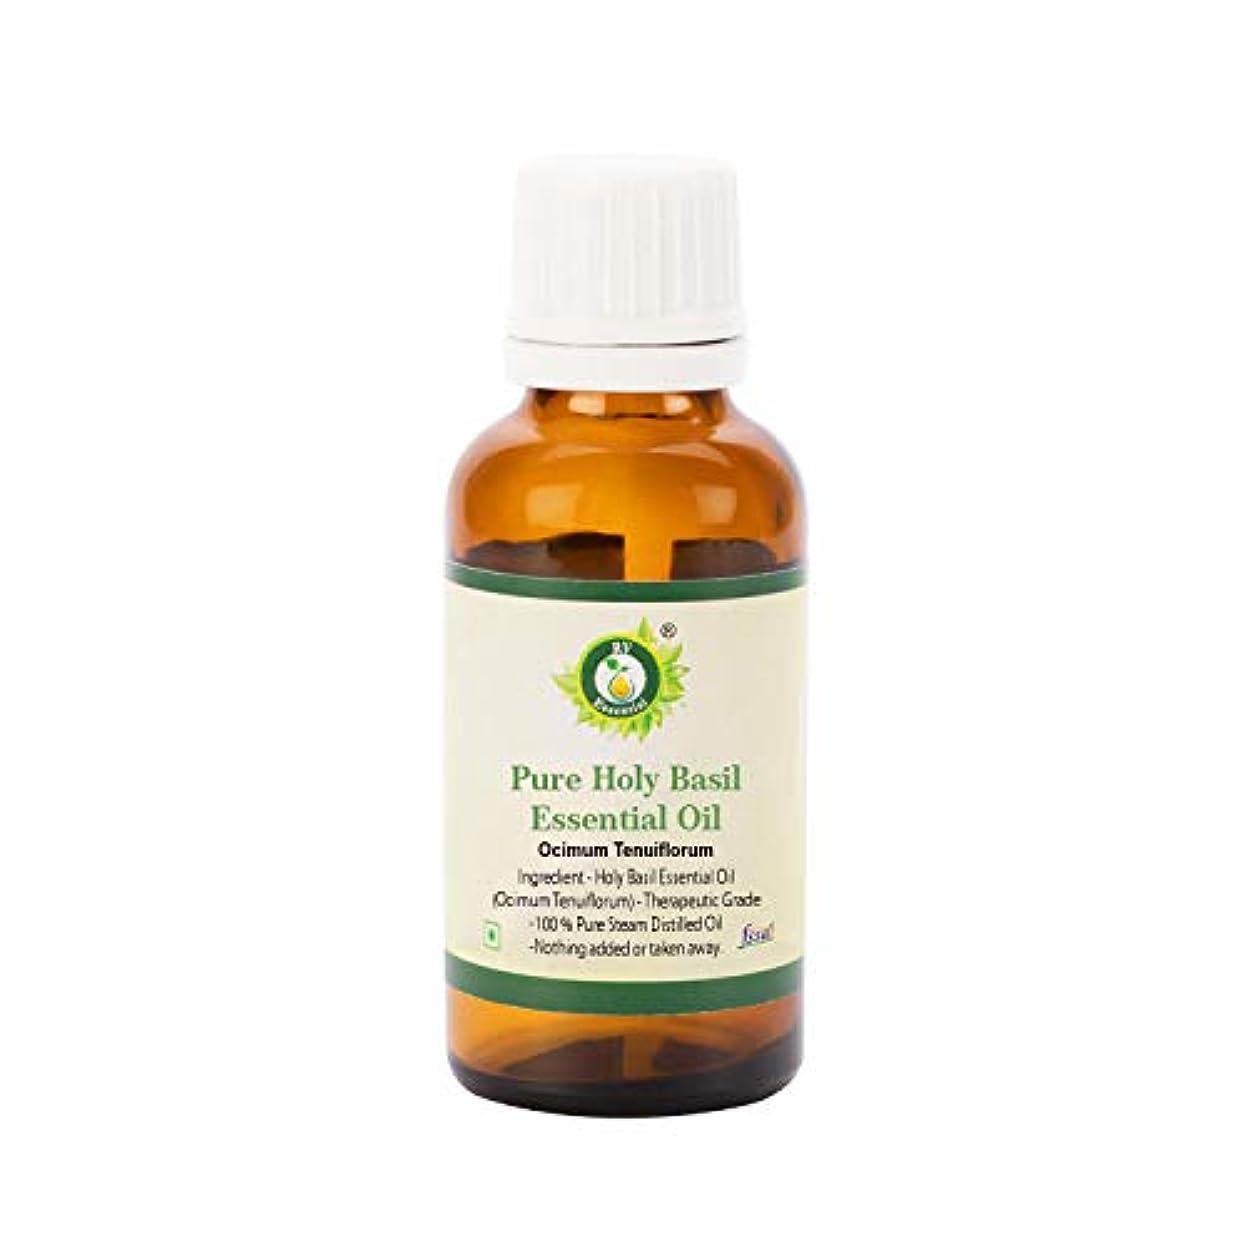 おじいちゃん霜専門化するR V Essential ピュアホーリーバジルエッセンシャルオイル50ml (1.69oz)- Ocimum Tenuiflorum (100%純粋&天然スチームDistilled) Pure Holy Basil Essential Oil